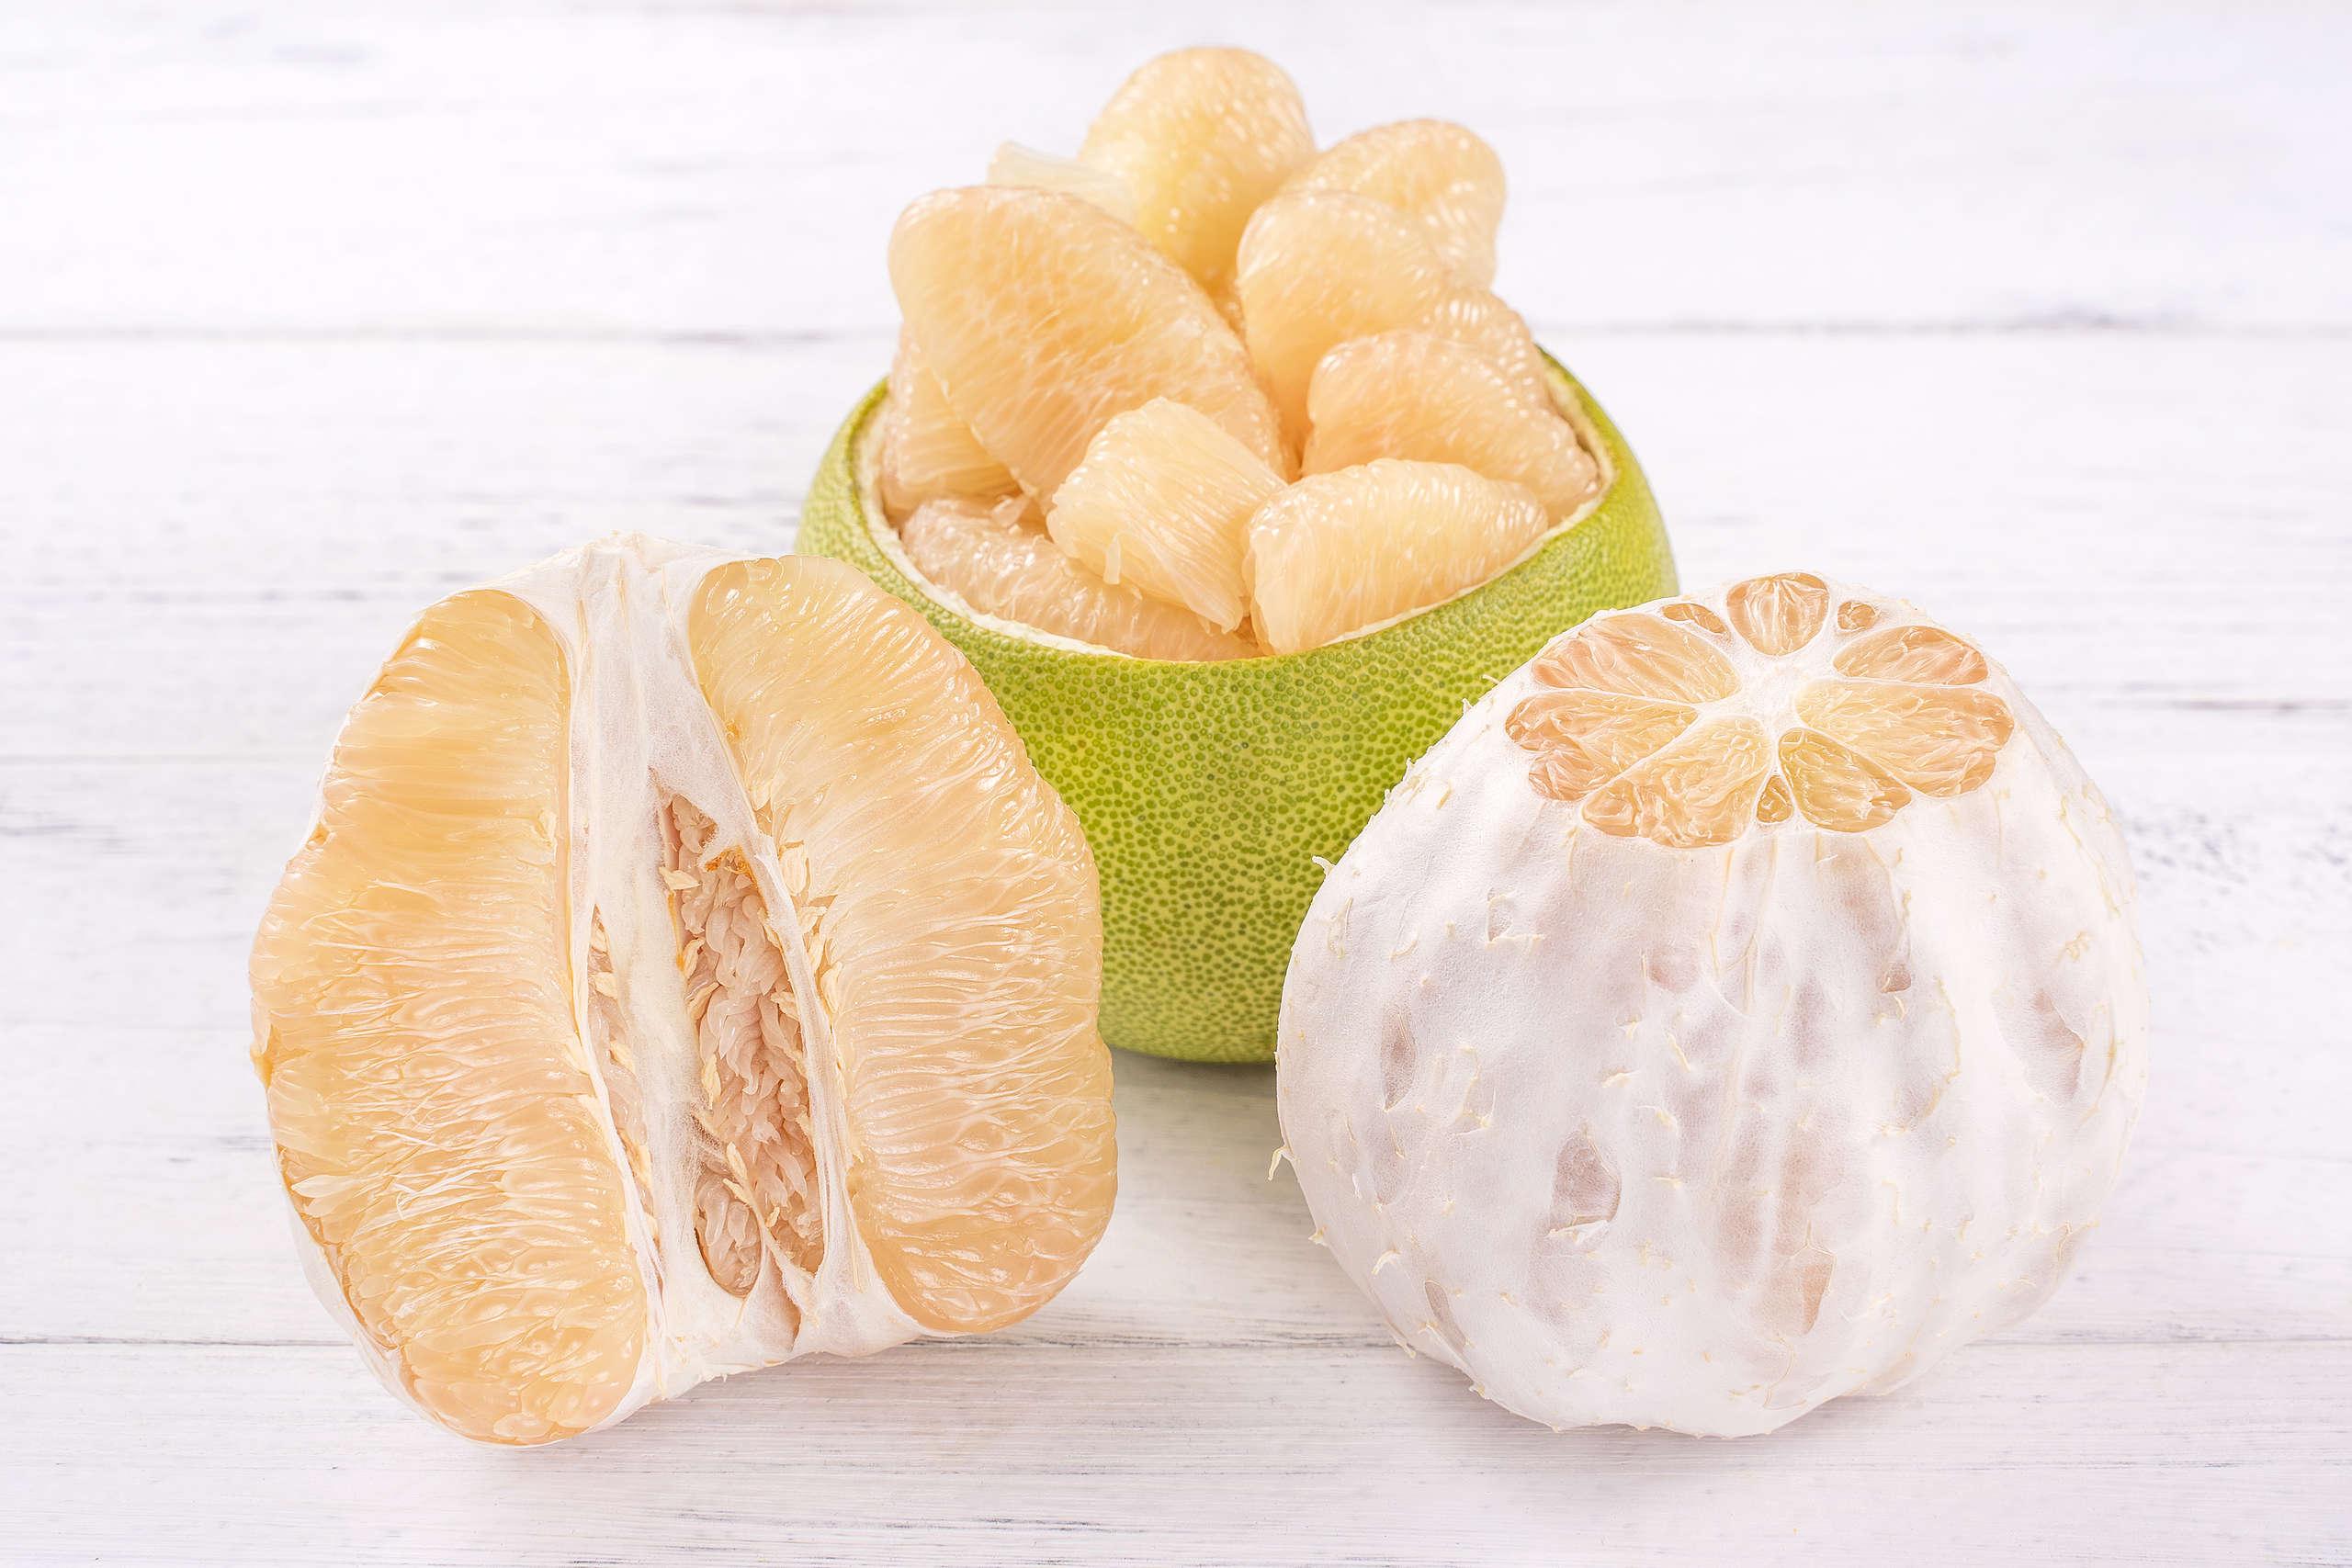 吃完的柚子皮別急著當成廚餘丟棄,可以再利用,製成天然清潔劑或驅蚊劑。